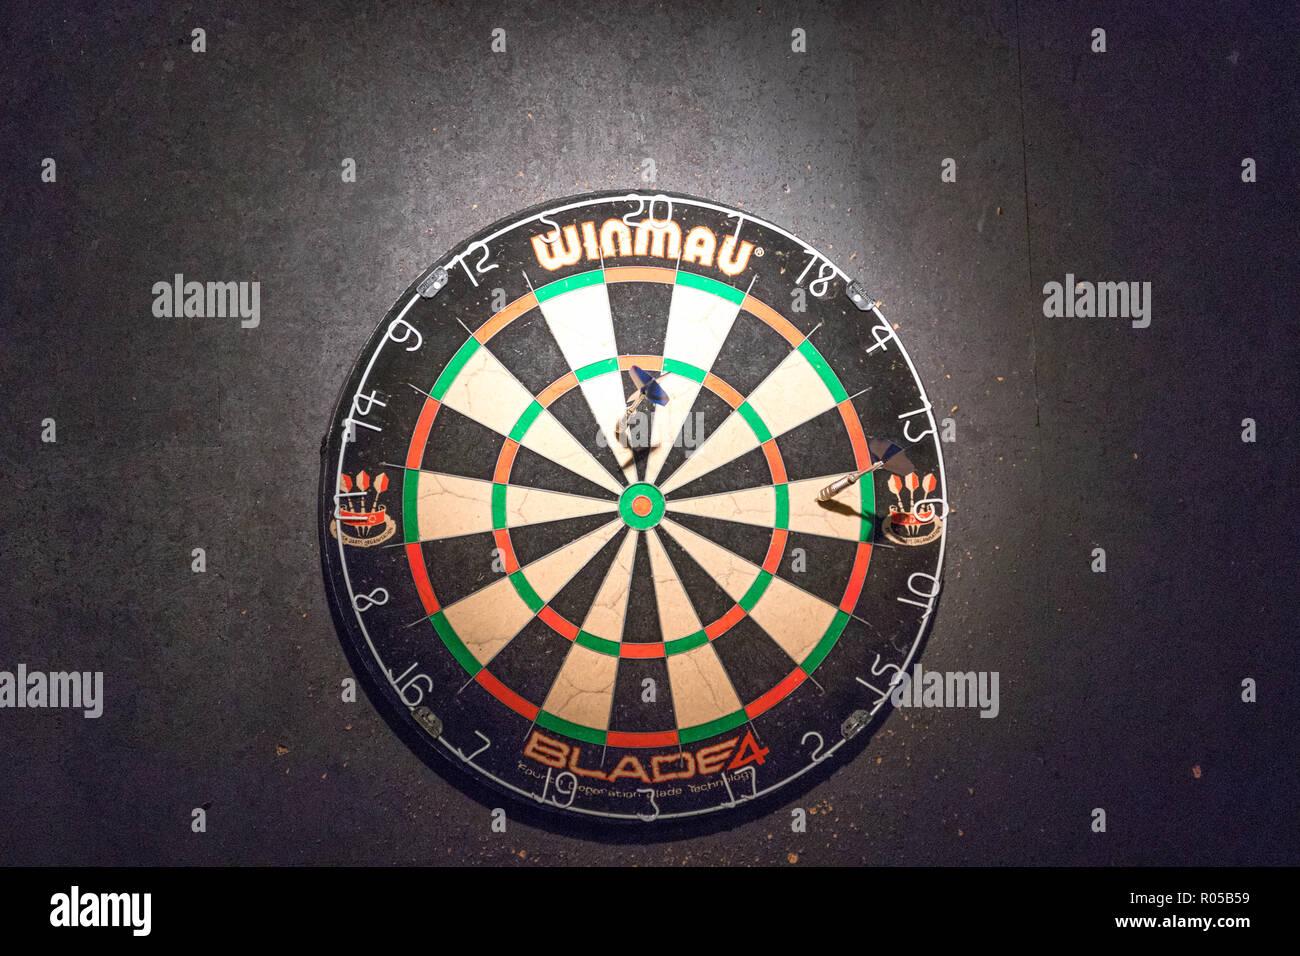 Darts board in a pub game Stock Photo